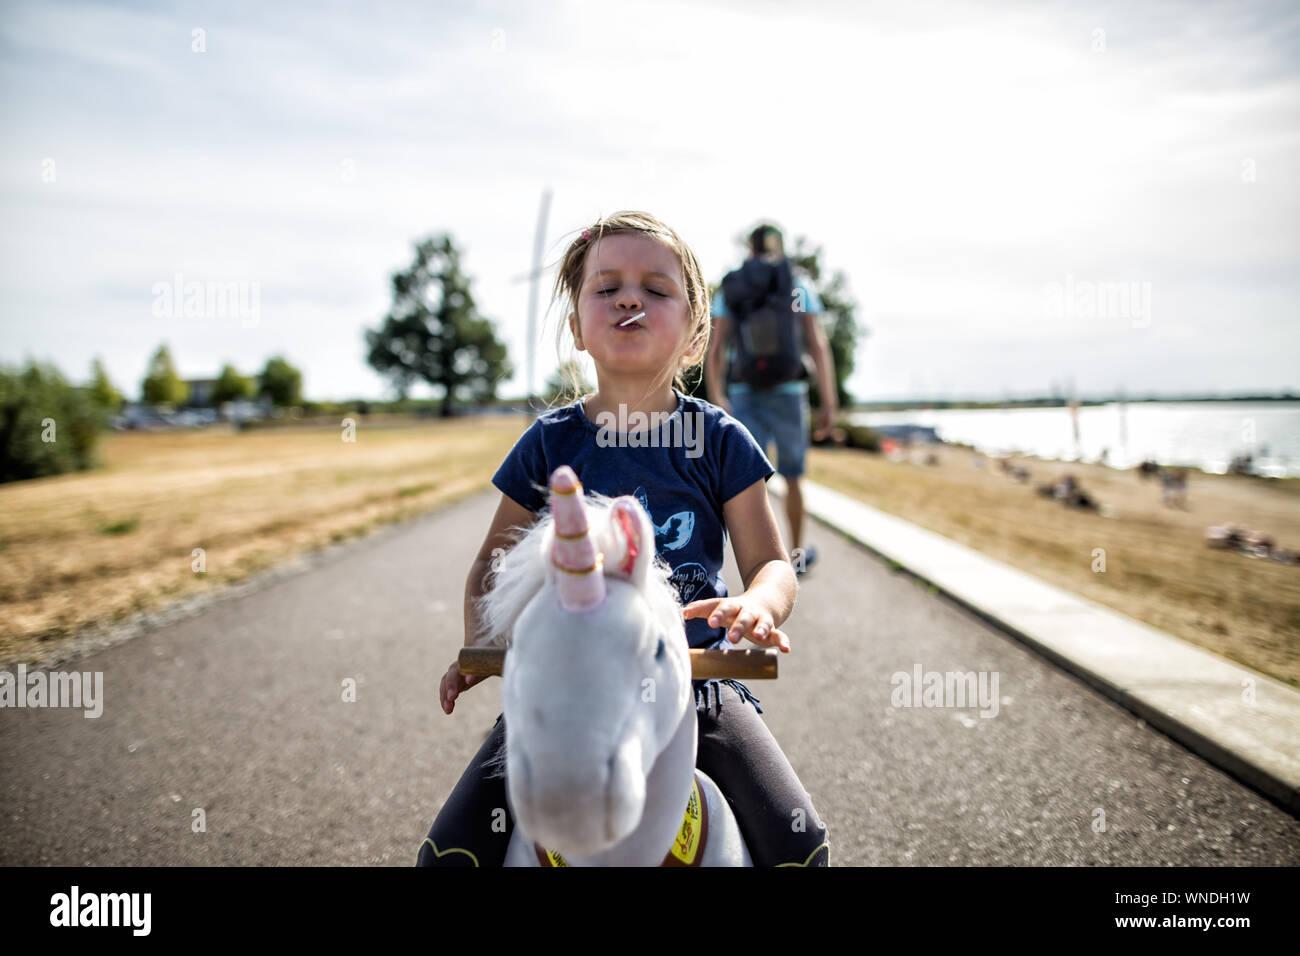 Child Sitting On Rocking Horse Stock Photo Alamy